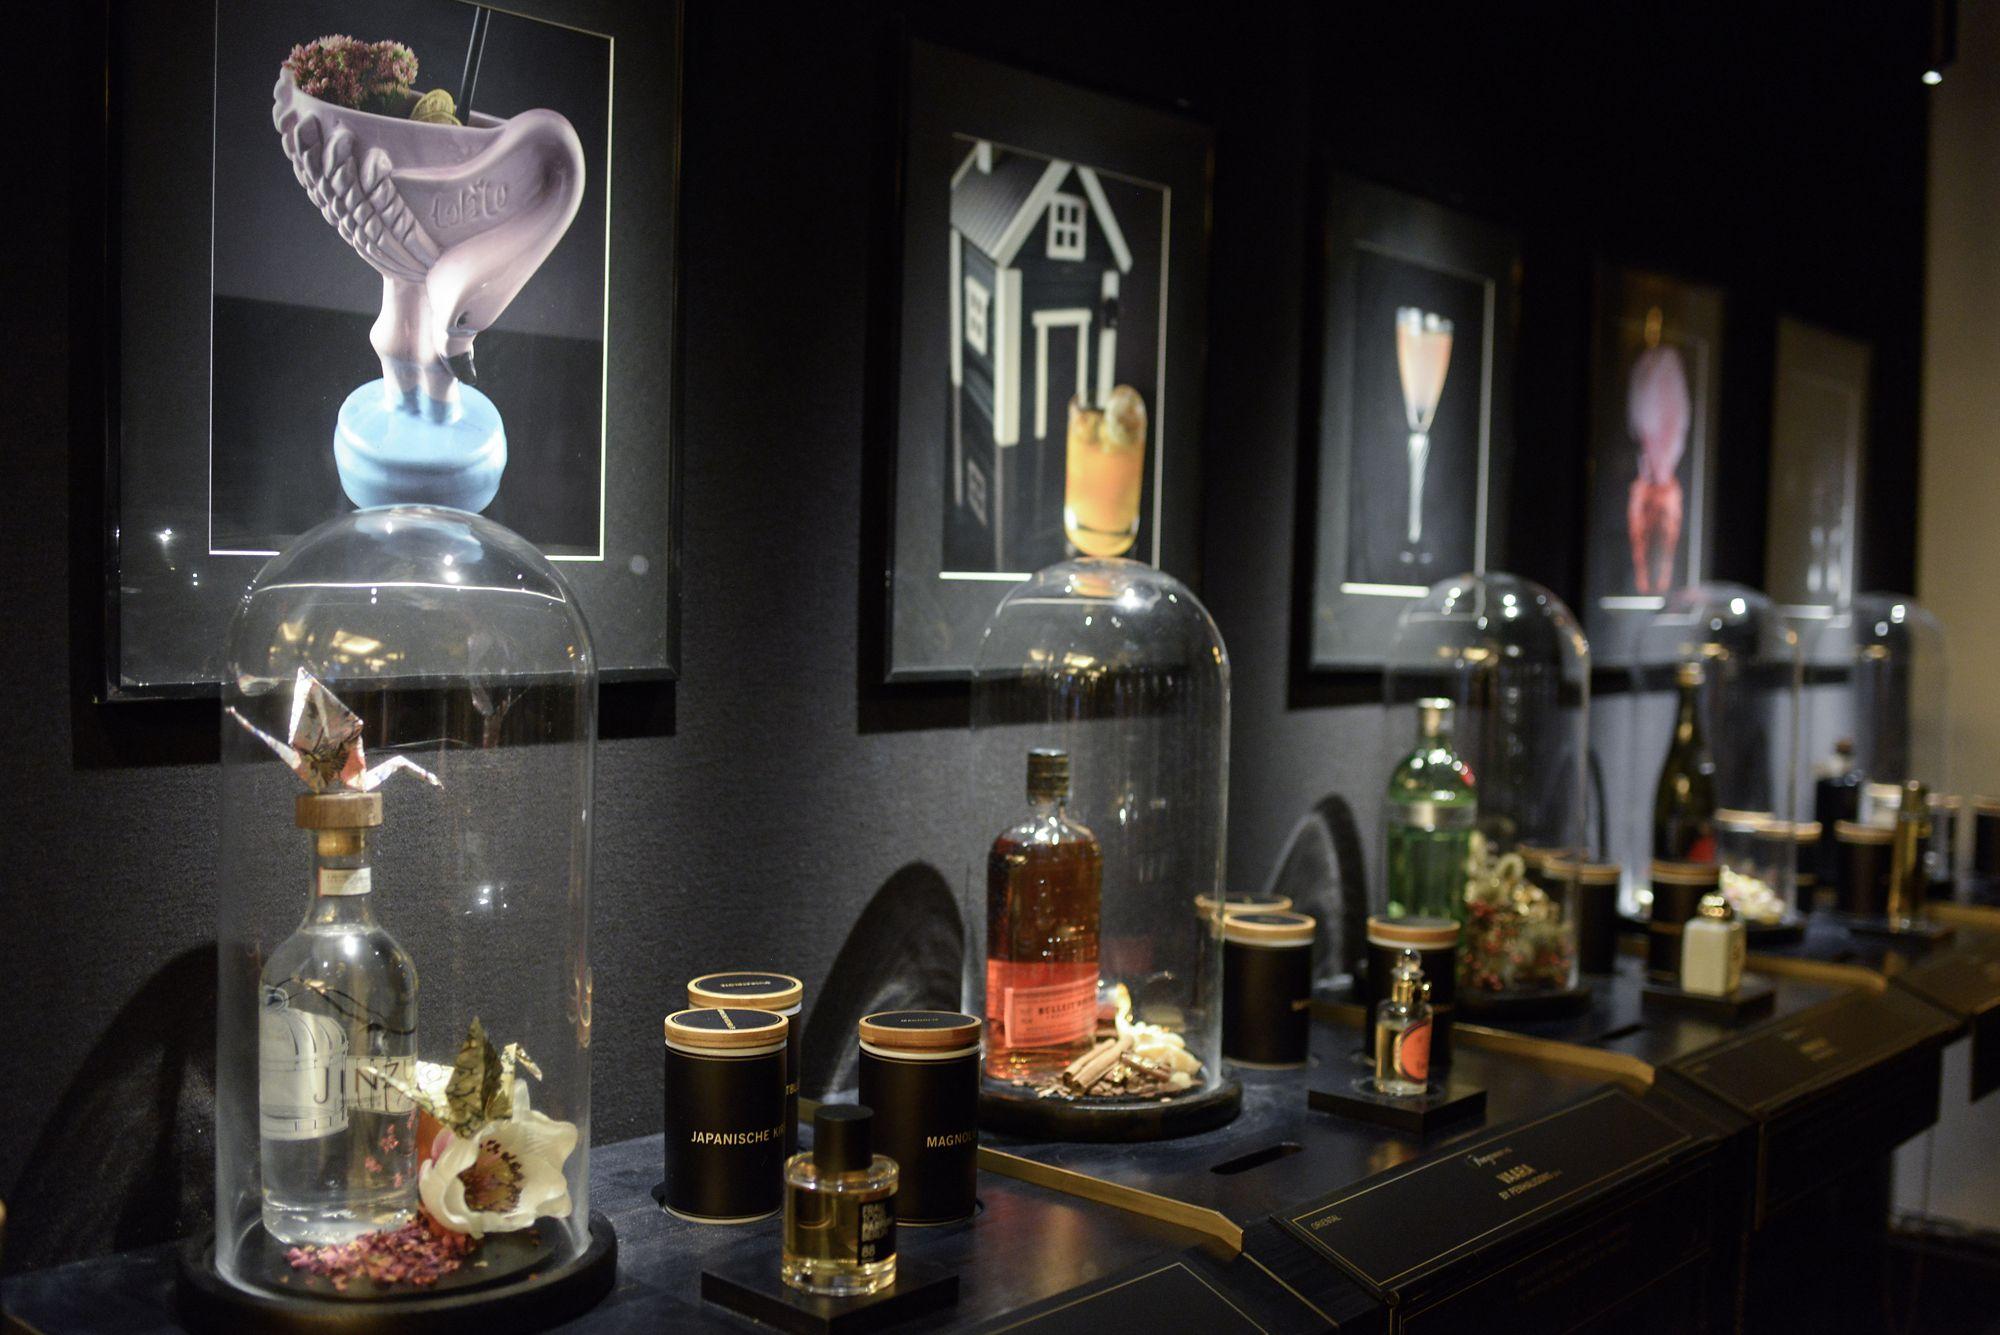 Бары, где можно попробовать коктейли по мотивам ароматов (фото 2)